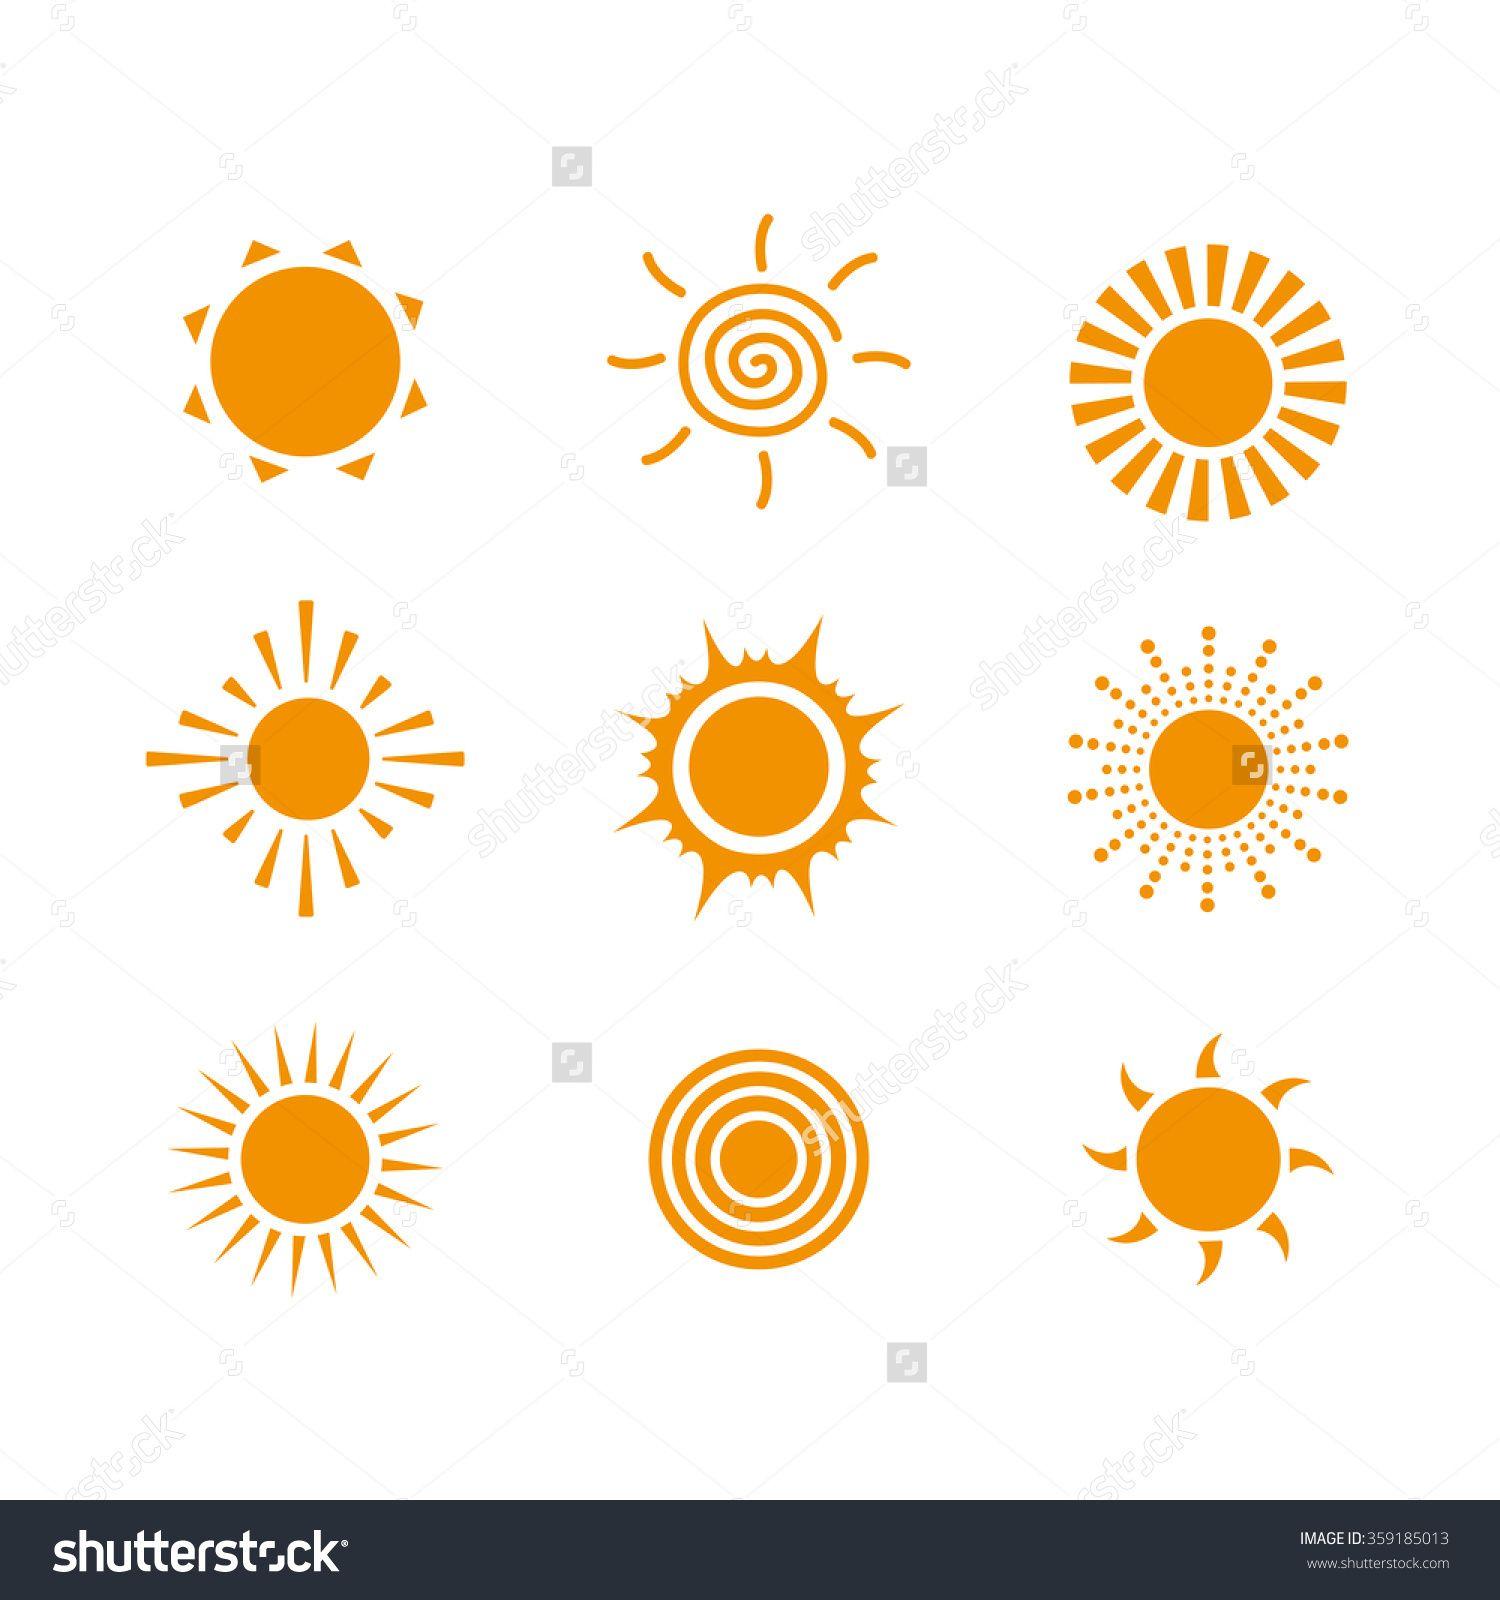 sun logo logo pinterest symbols icons and sun logo buycottarizona Images